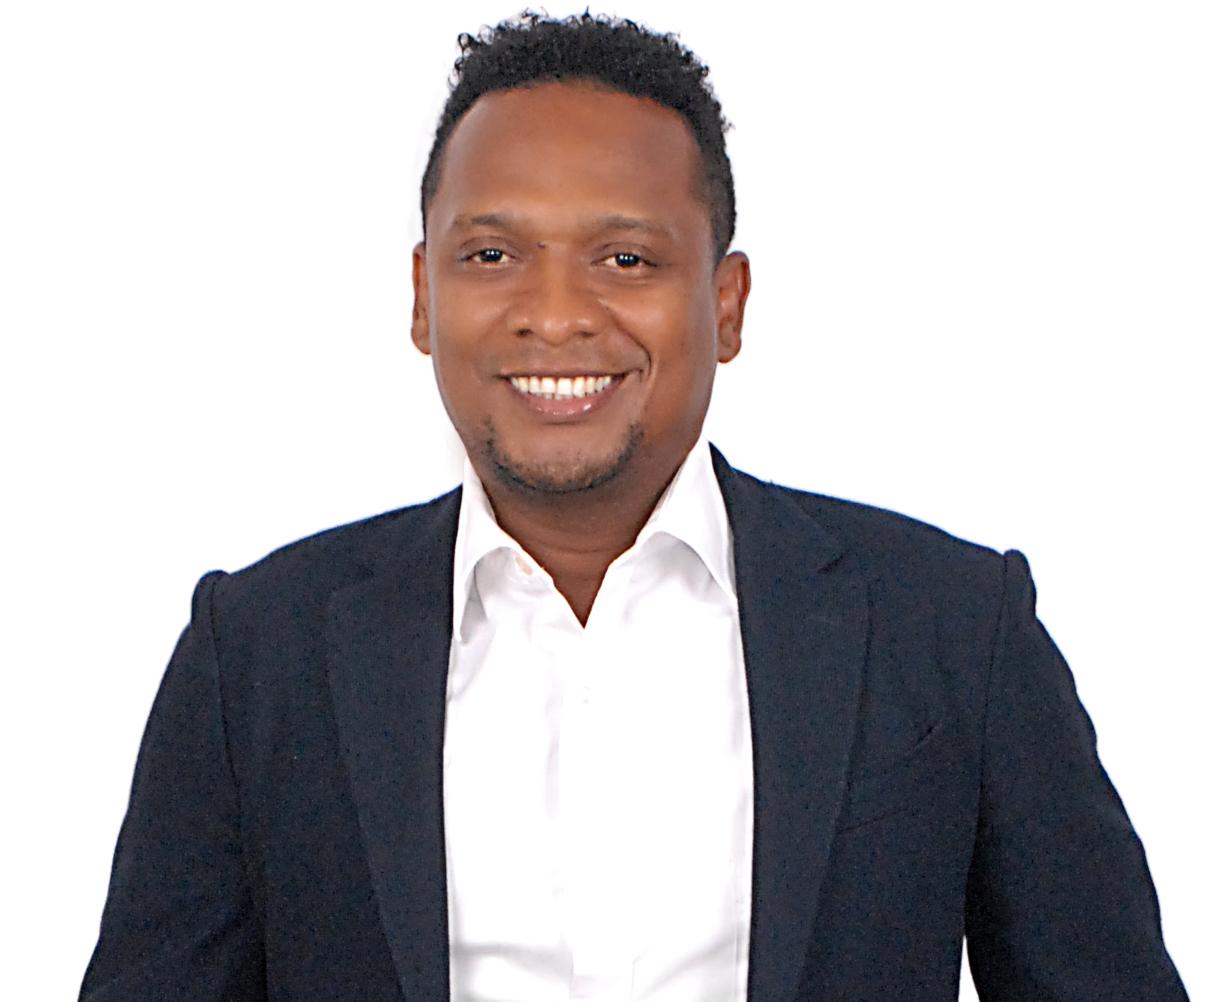 Richard Montoya es el precandidato a diputado mejor valorado de SDN